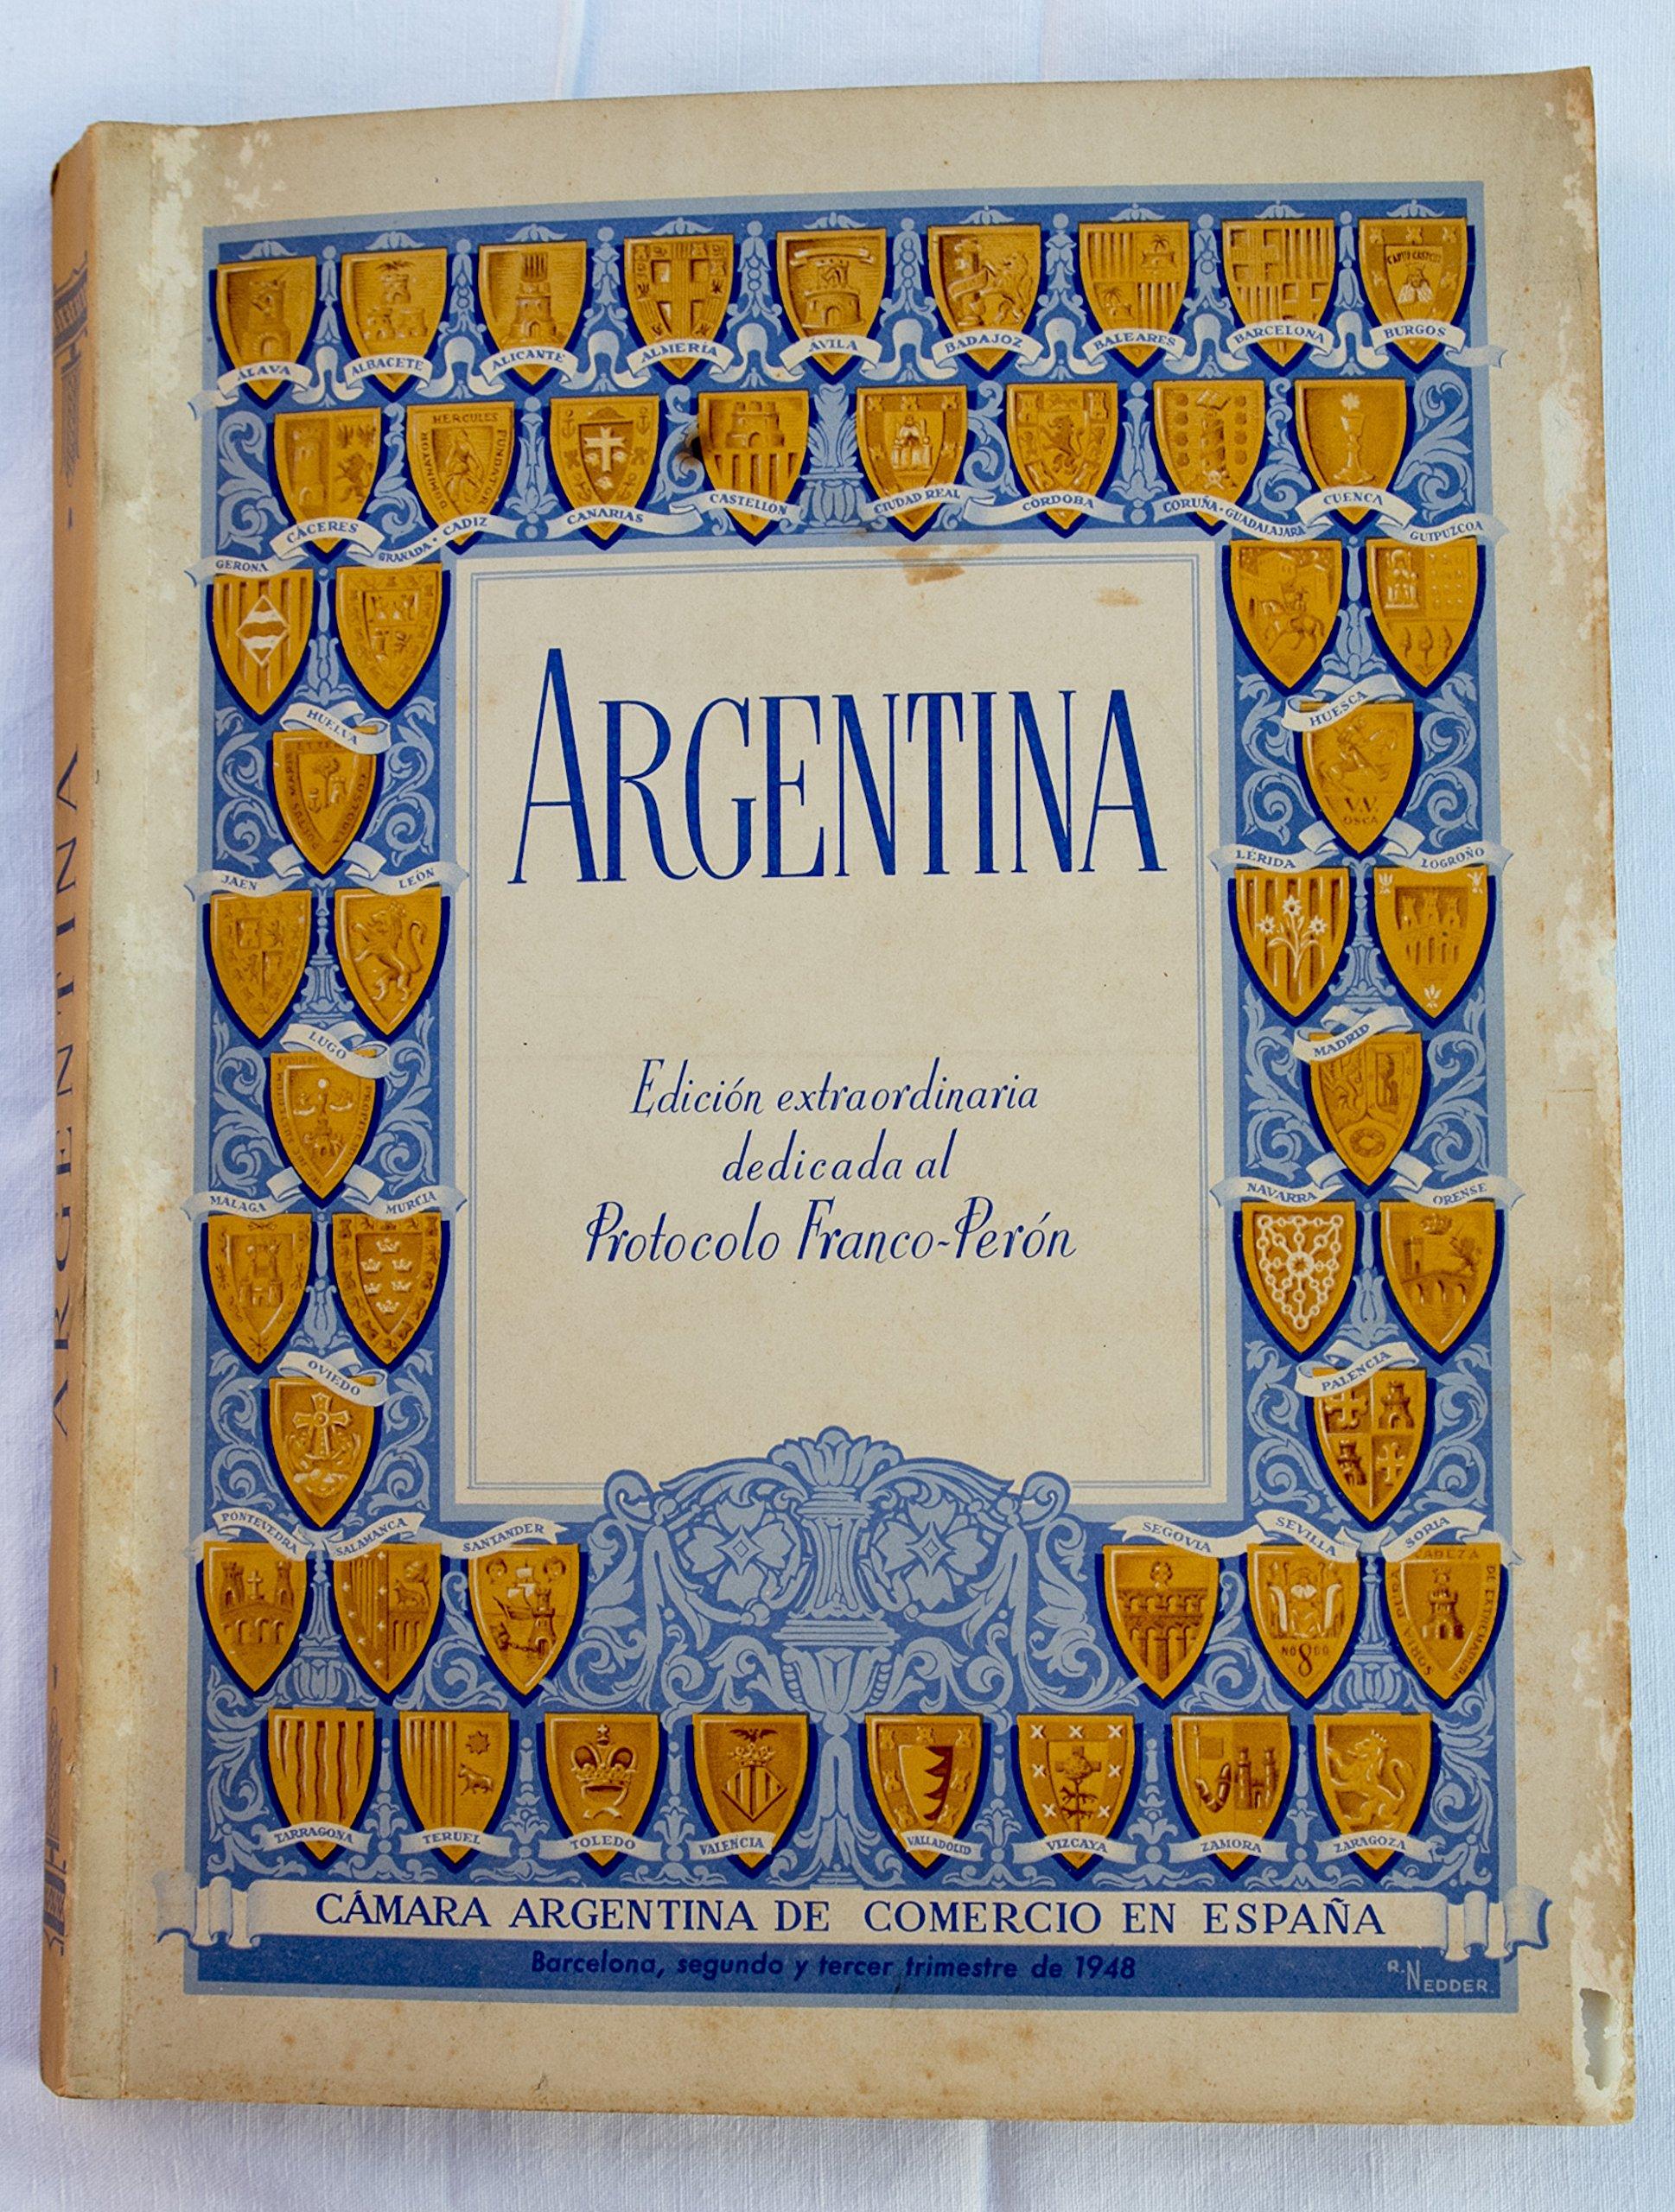 ARGENTINA, nº 5. Número extraordinario dedicado al Protocolo Franco-Perón: Amazon.es: VV. AA.: Libros